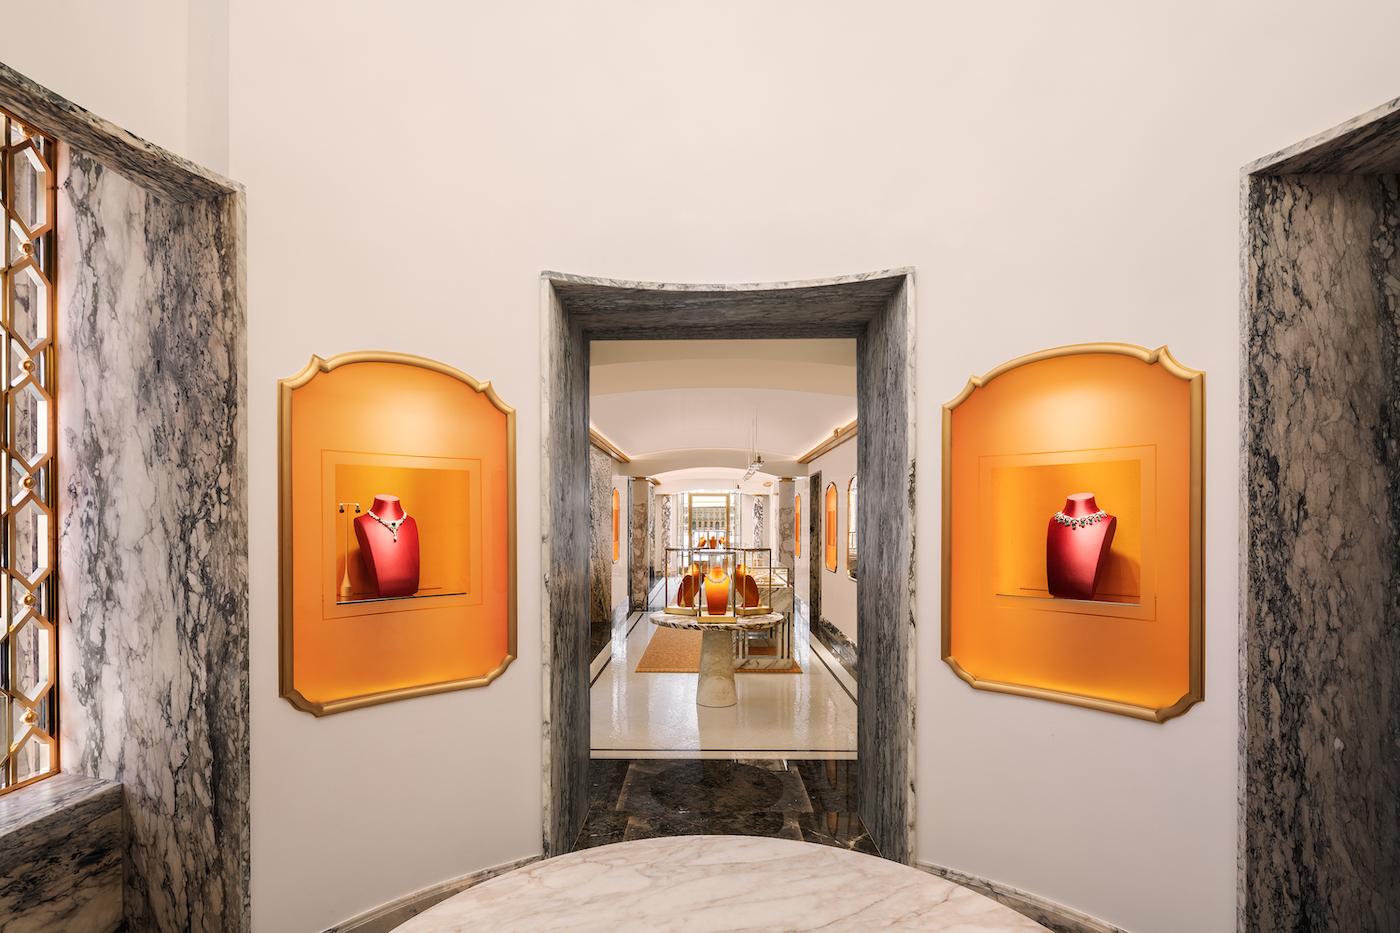 Bulgari opens a new boutique at Place Vendôme